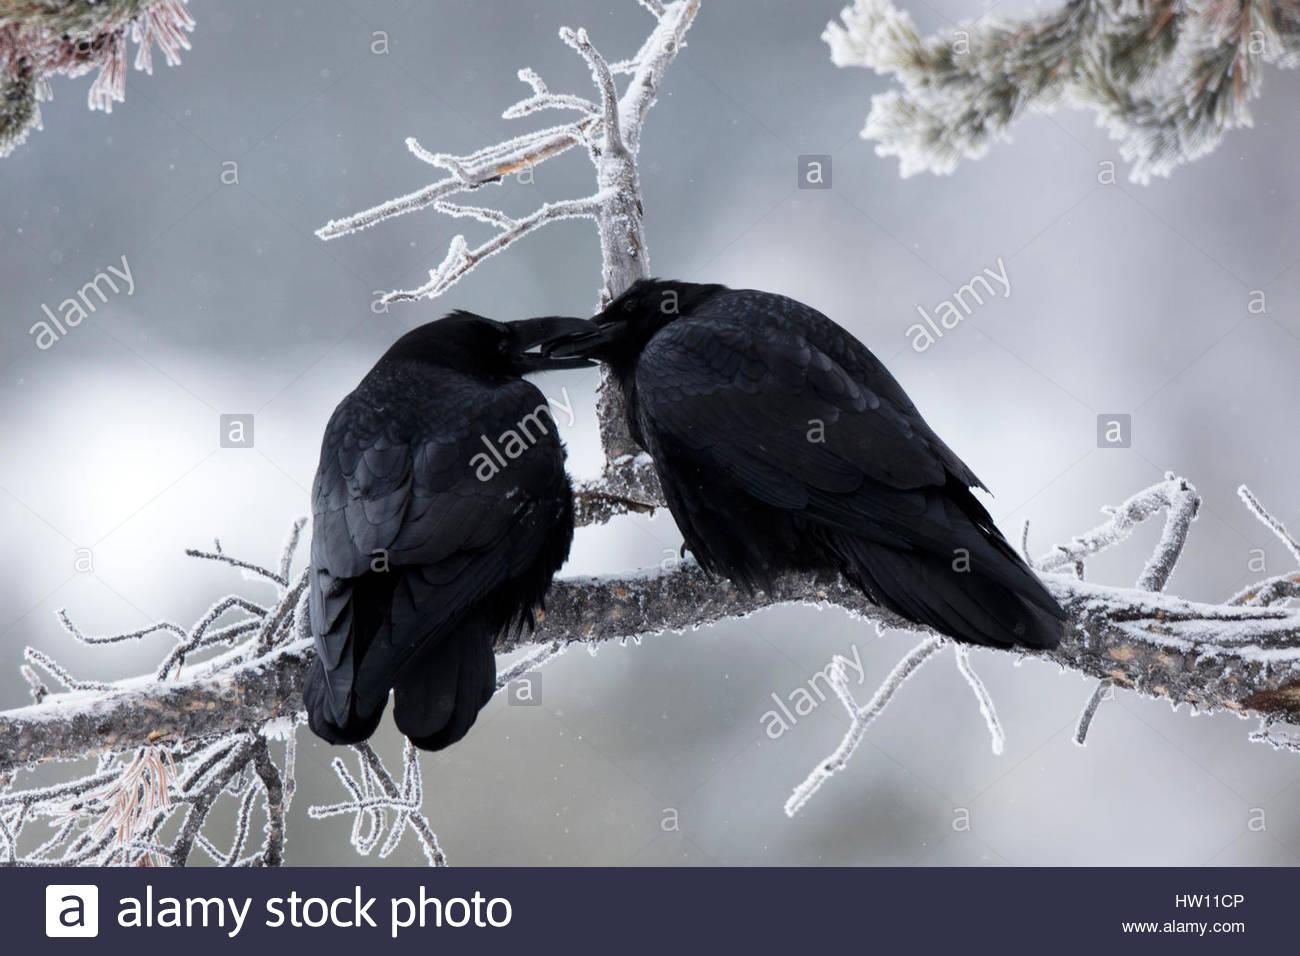 Ein paar Raben, Corvus Corax, teilen eine intime Geste auf einem gefrorenen Zweig. Stockbild